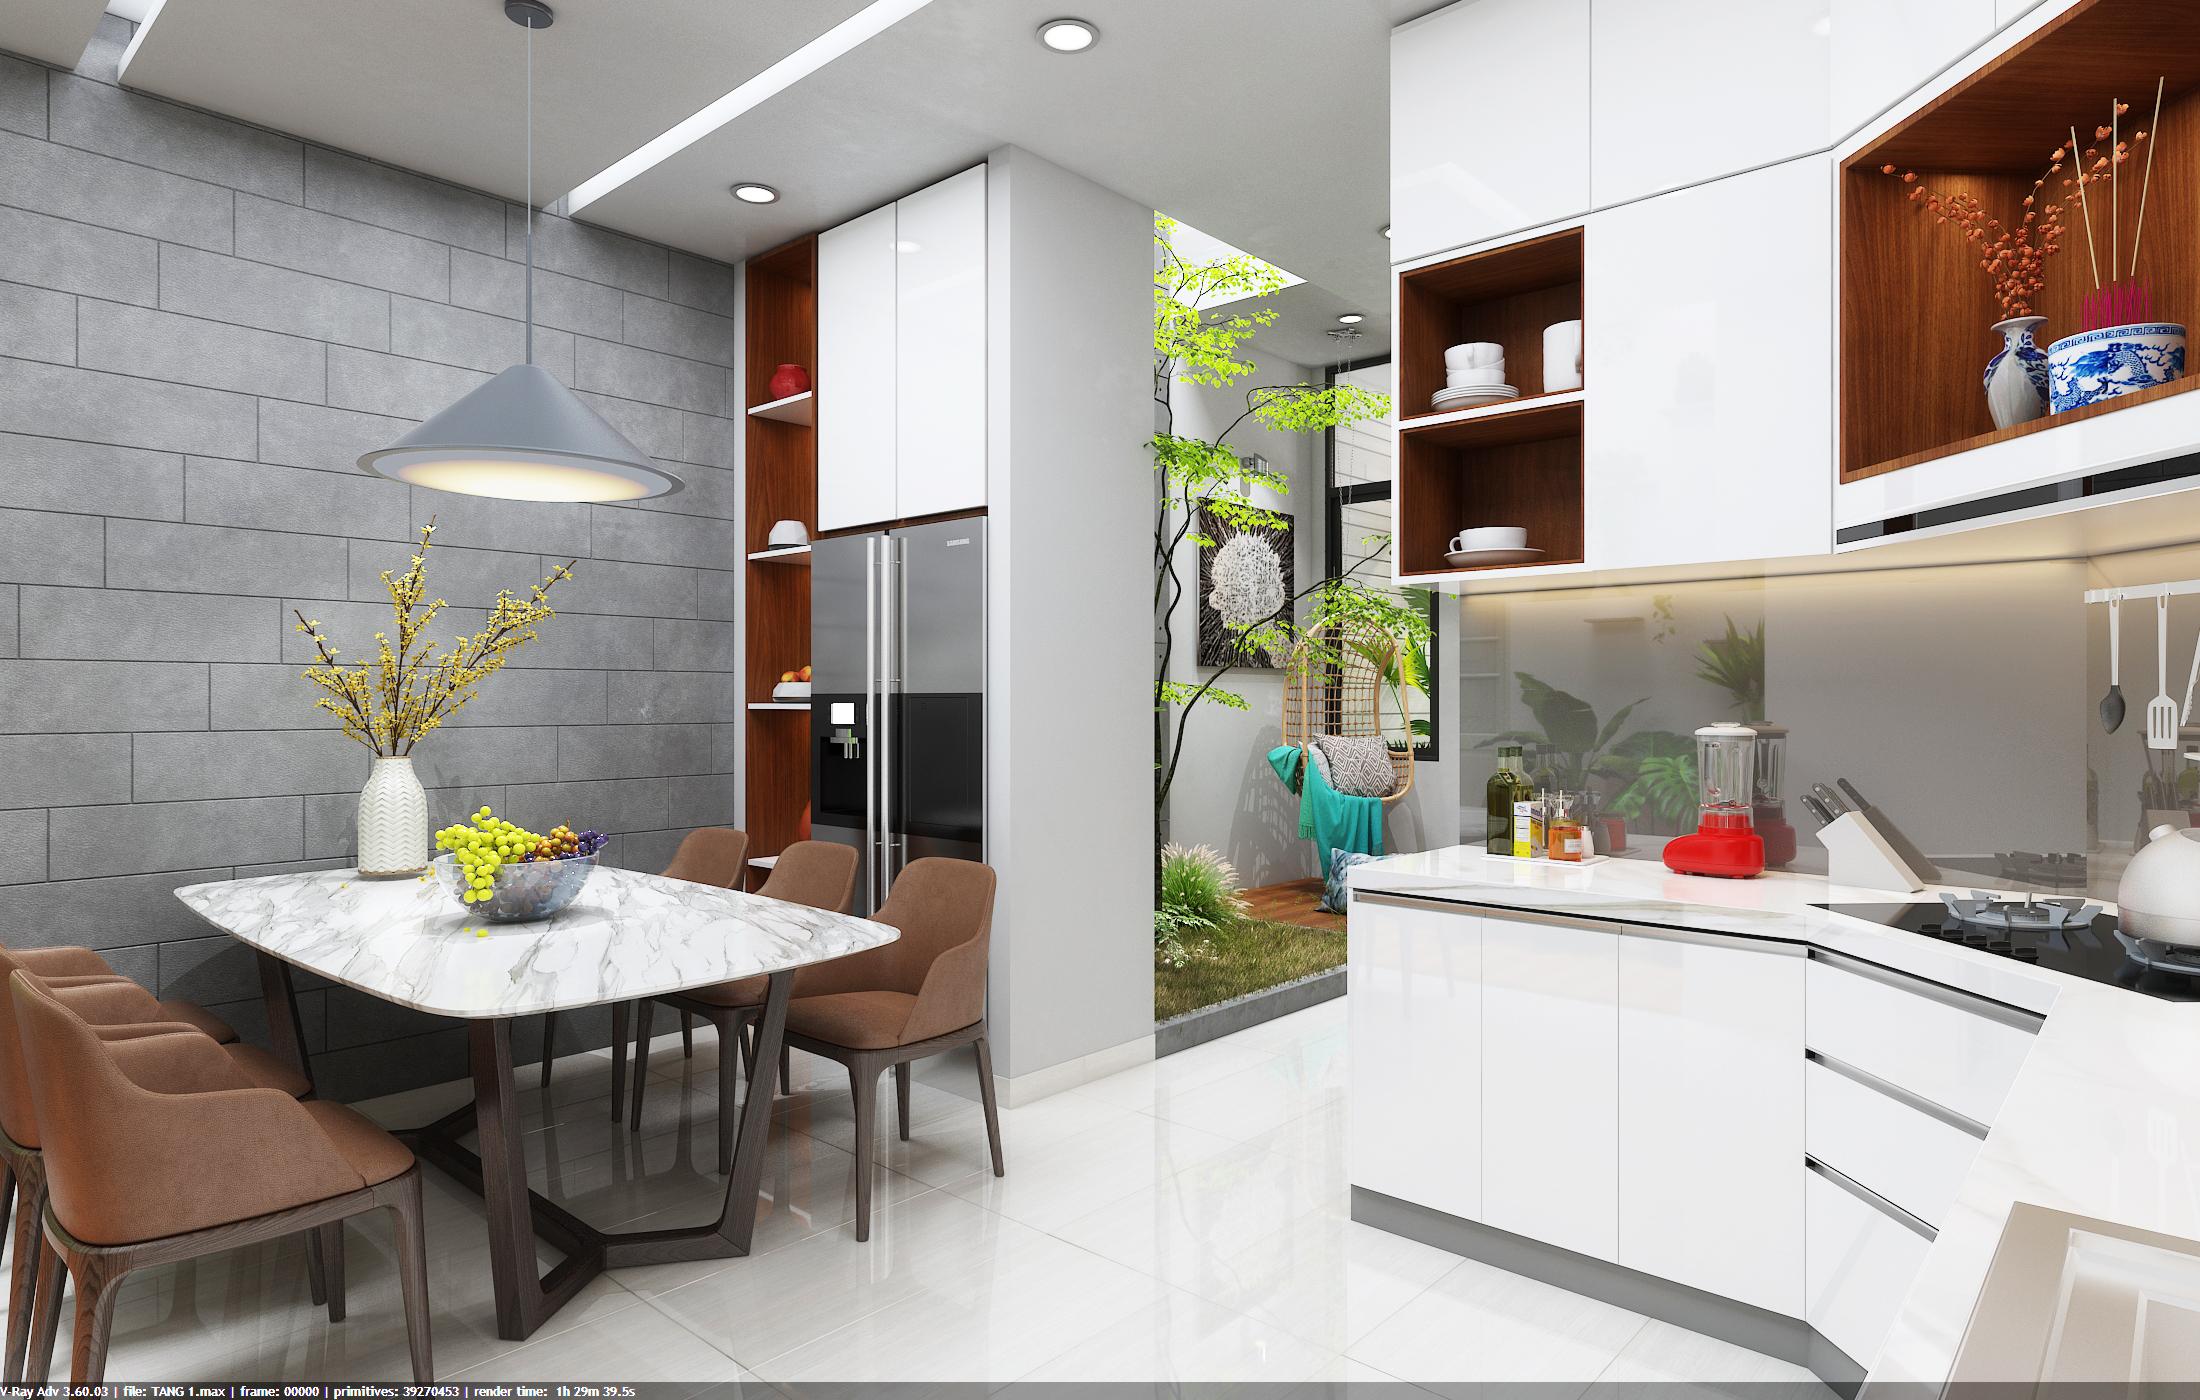 thiết kế nội thất Nhà Mặt Phố tại Đà Nẵng Loc House Interior 4 1548312553